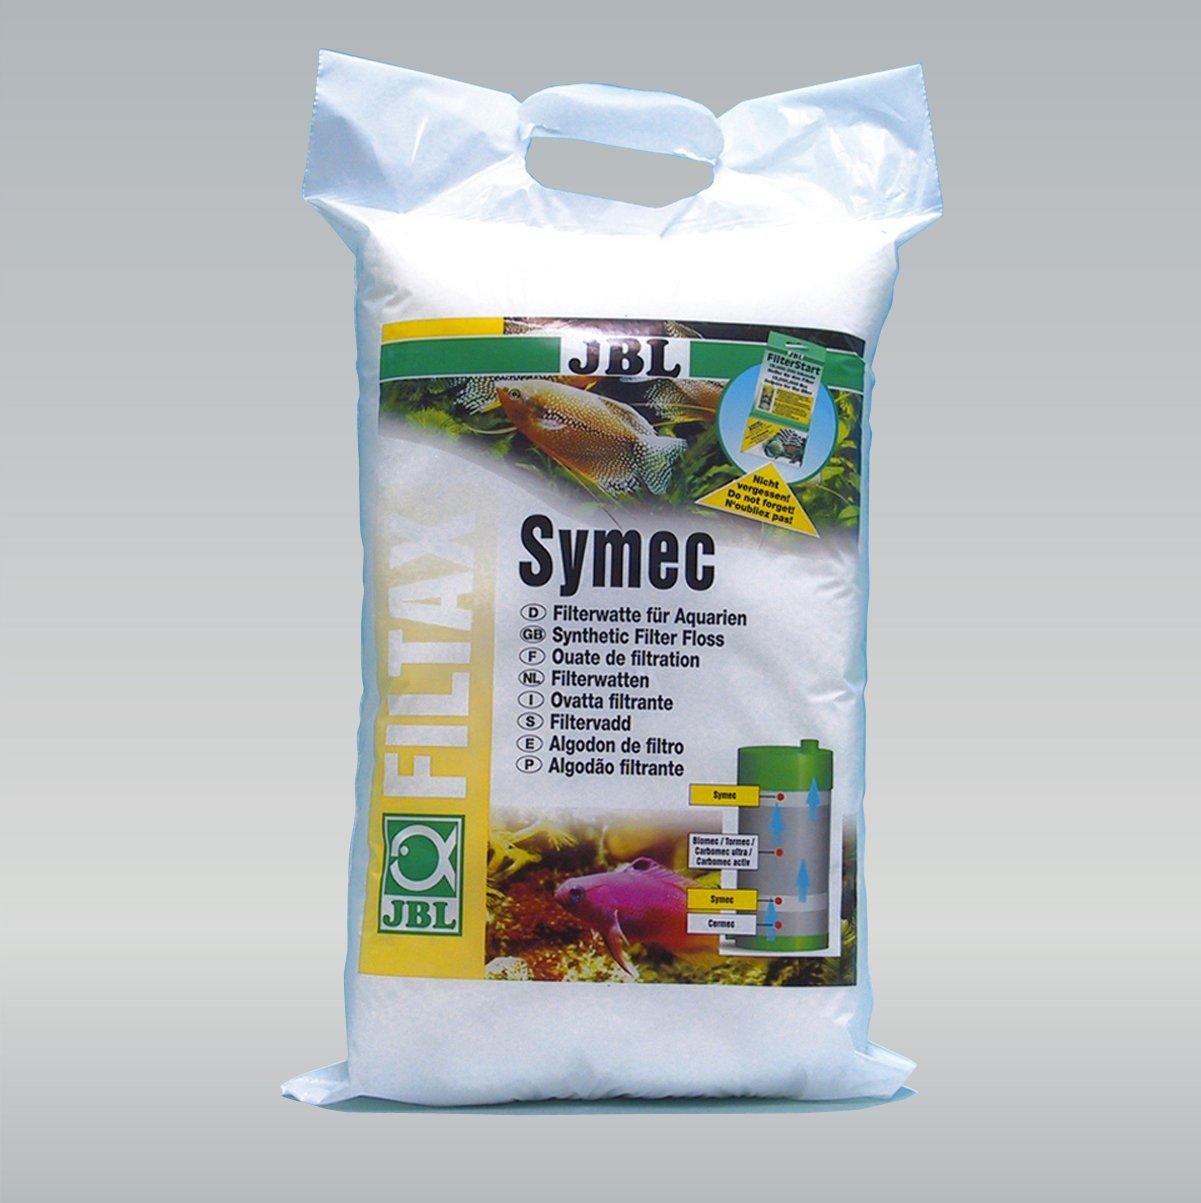 JBL Symec Ouate filtrante 1000g, Ouate filtrante pour filtre d'aquarium contre toutes les turbidités de l'eau 62345